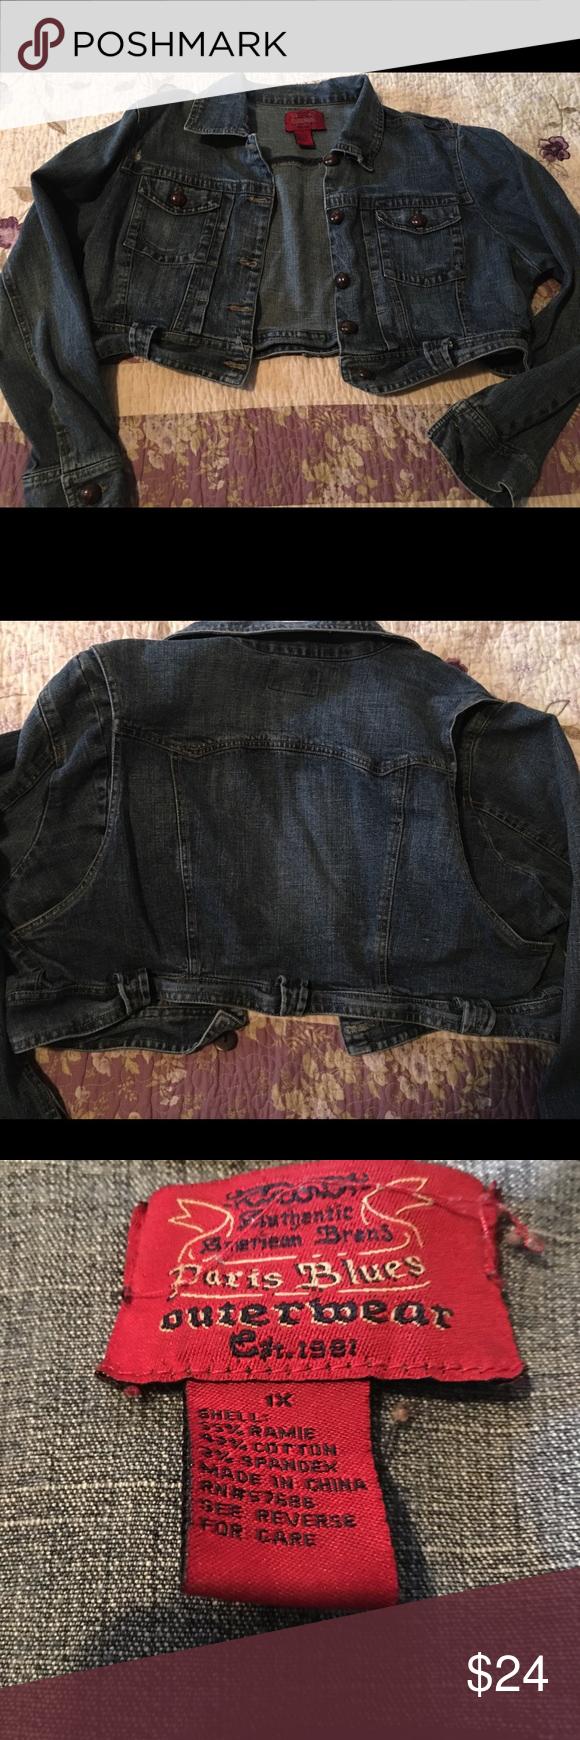 Paris Blues Outerwear Jean Jacket Blue Outerwear Jean Jacket Paris Blues [ 1740 x 580 Pixel ]